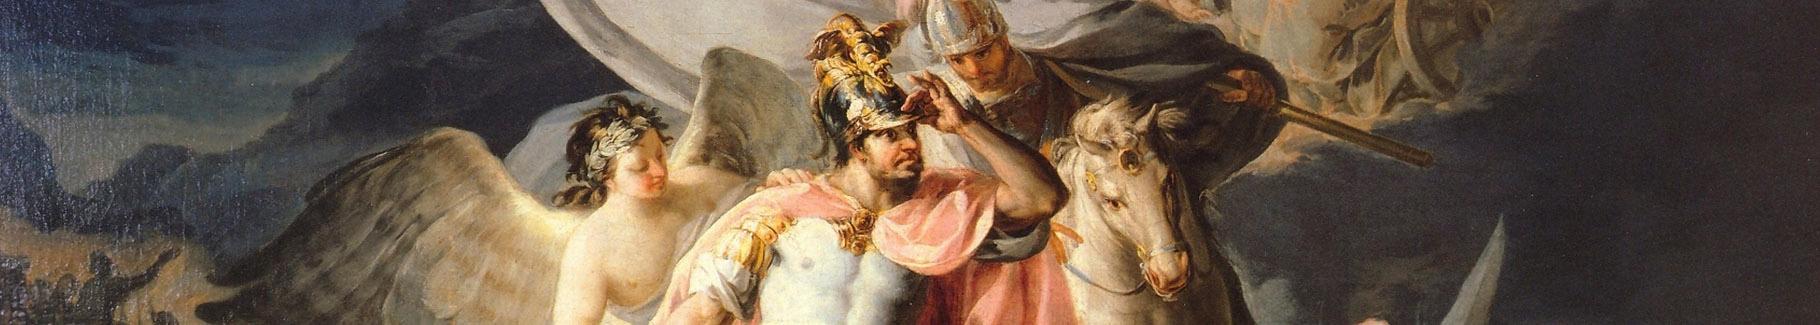 Obraz Hannibal zwycięzca przekraczający Alpy